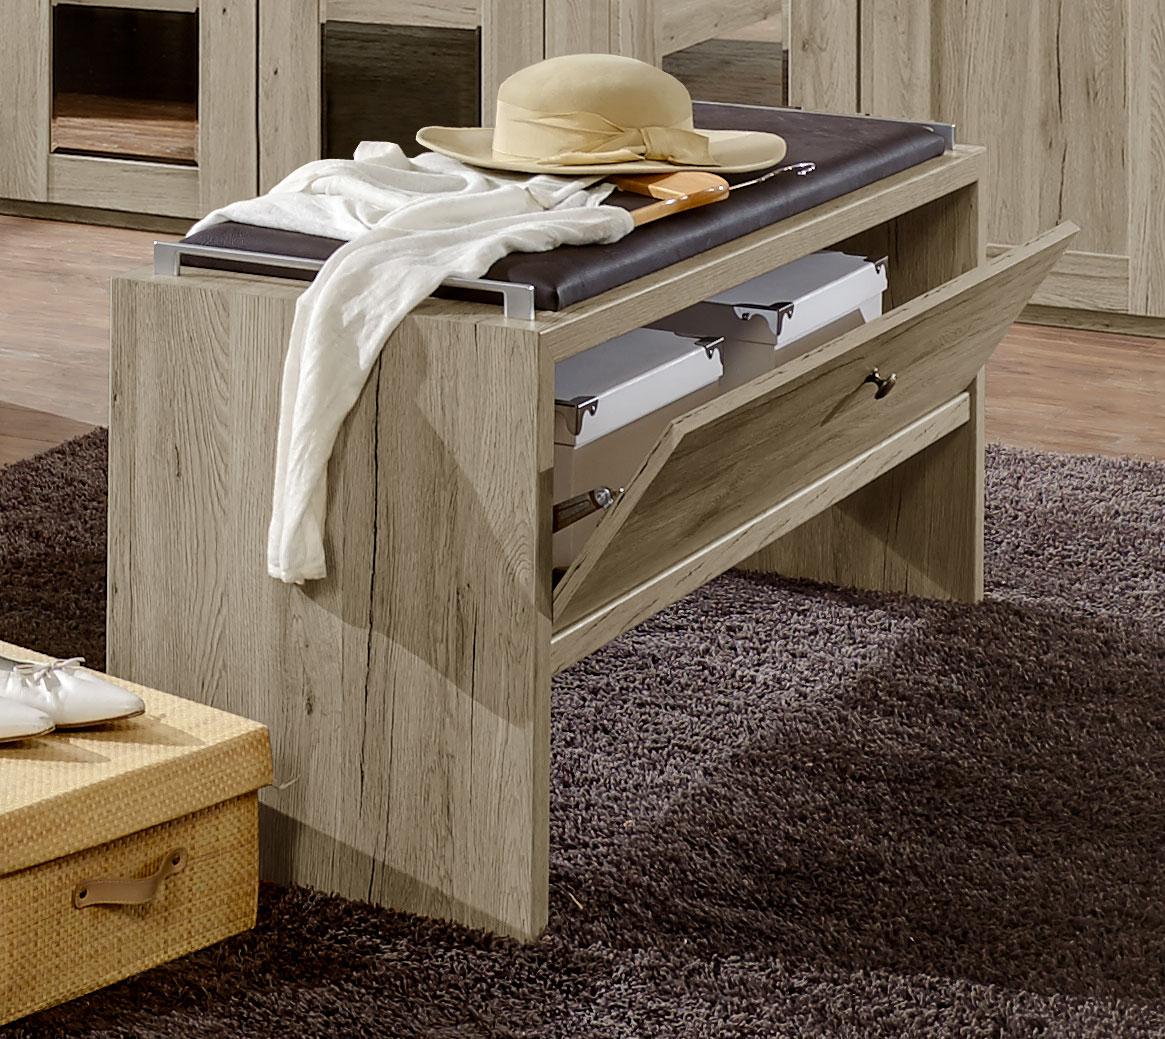 erstaunlich bettbank mit stauraum bilder erindzain. Black Bedroom Furniture Sets. Home Design Ideas